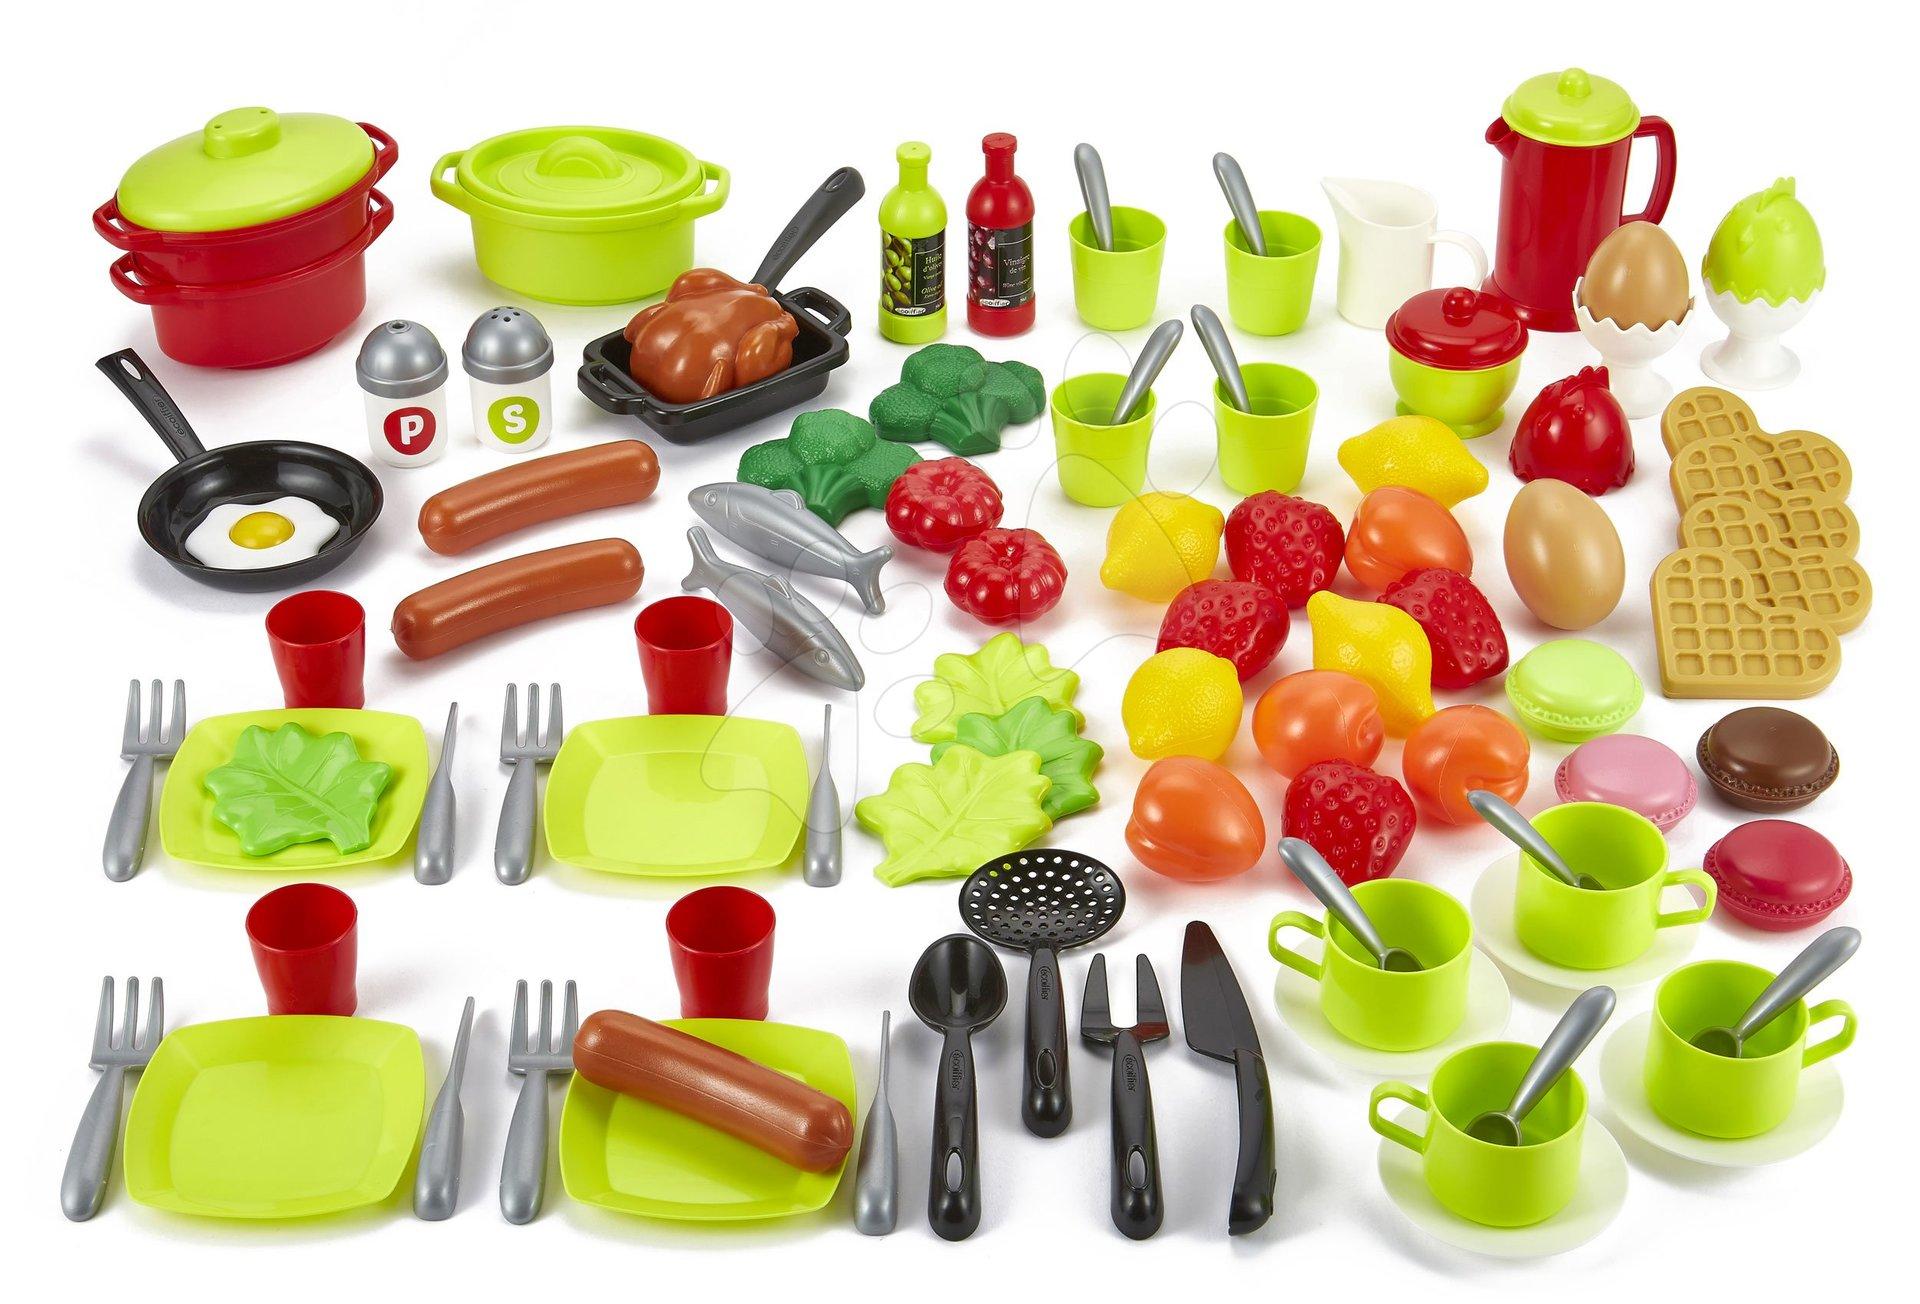 Dodaci za kuhanje za kuhinju 100% Chef Écoiffier 100-dijelni set voća, povrća i namirnica s posuđem, od 18 mjeseci